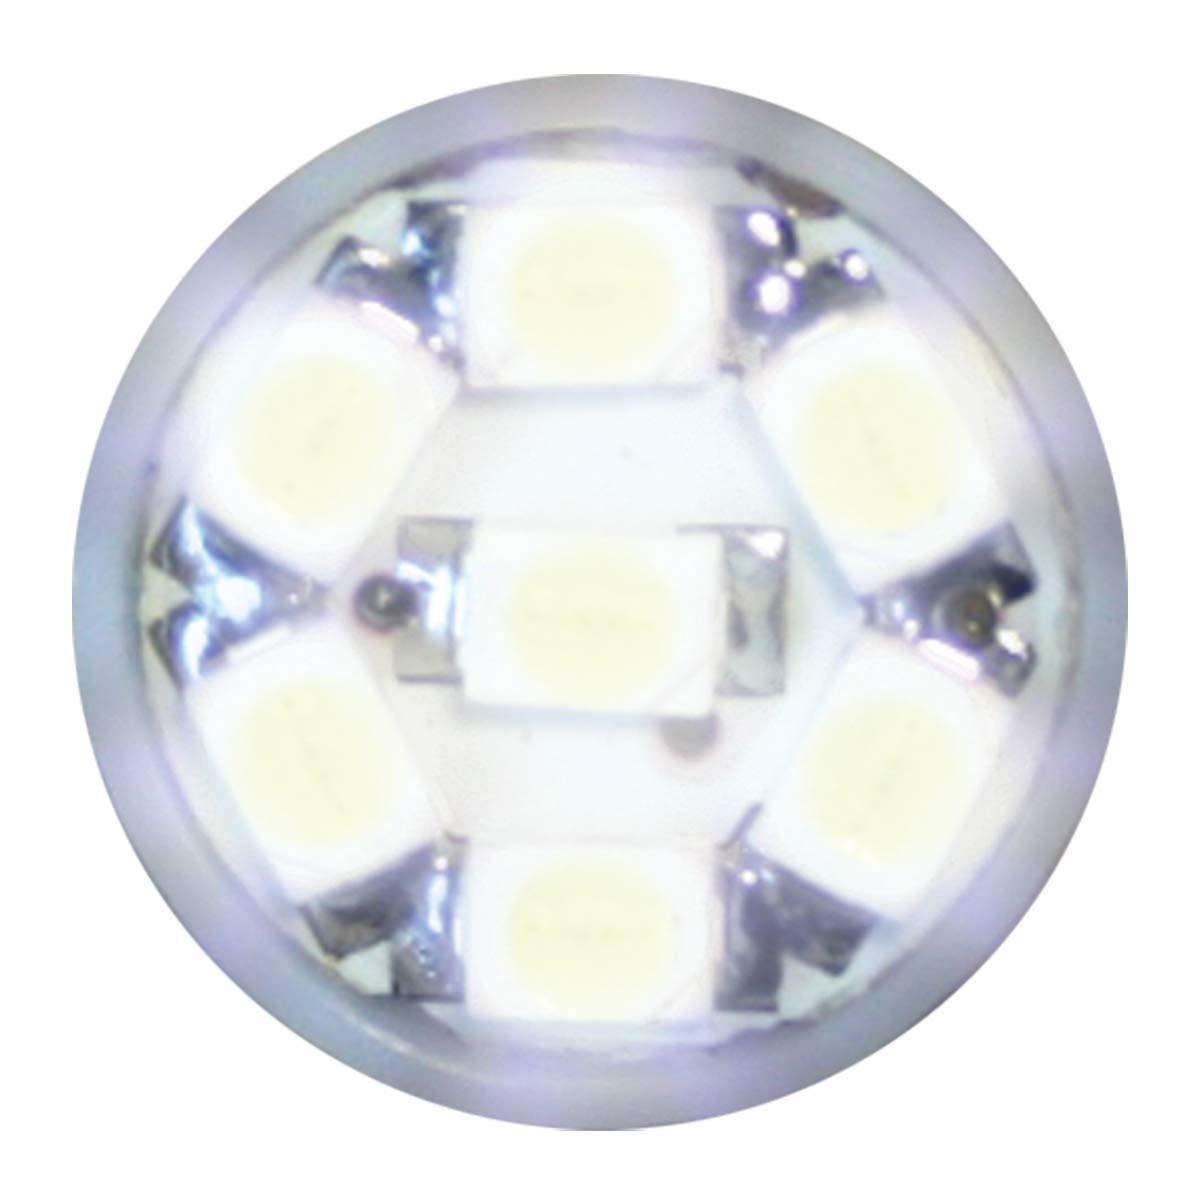 194//168 Green 5-LED Tower Style, 12V, Pair GG Grand General 74912 Light Bulb